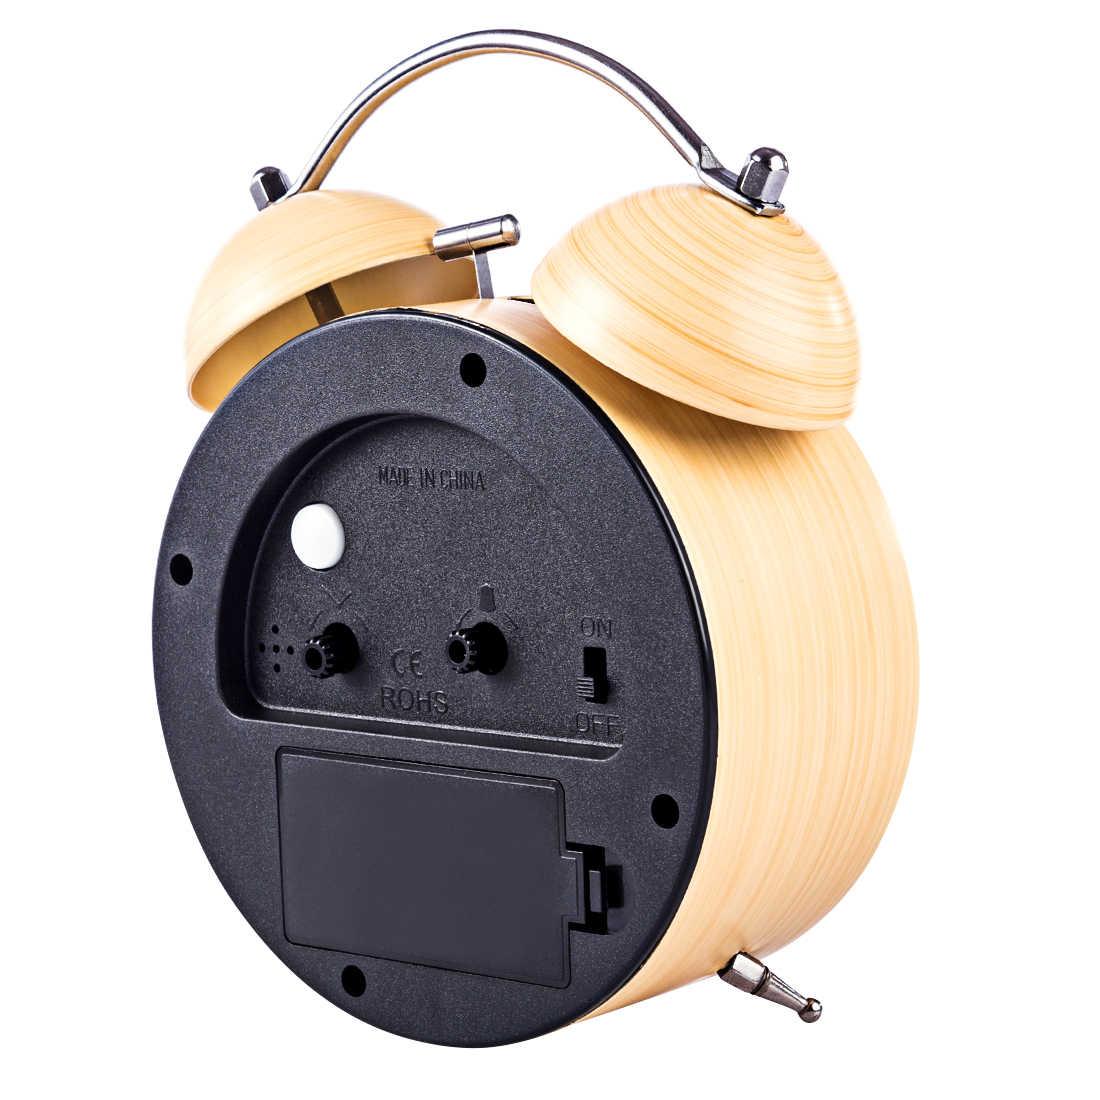 Имитация дерева зерна металлическое кольцо отключение сигнала часы, настольные часы с светодиодный ночник для домашнего декора кварцевые настольные часы Современный таймер